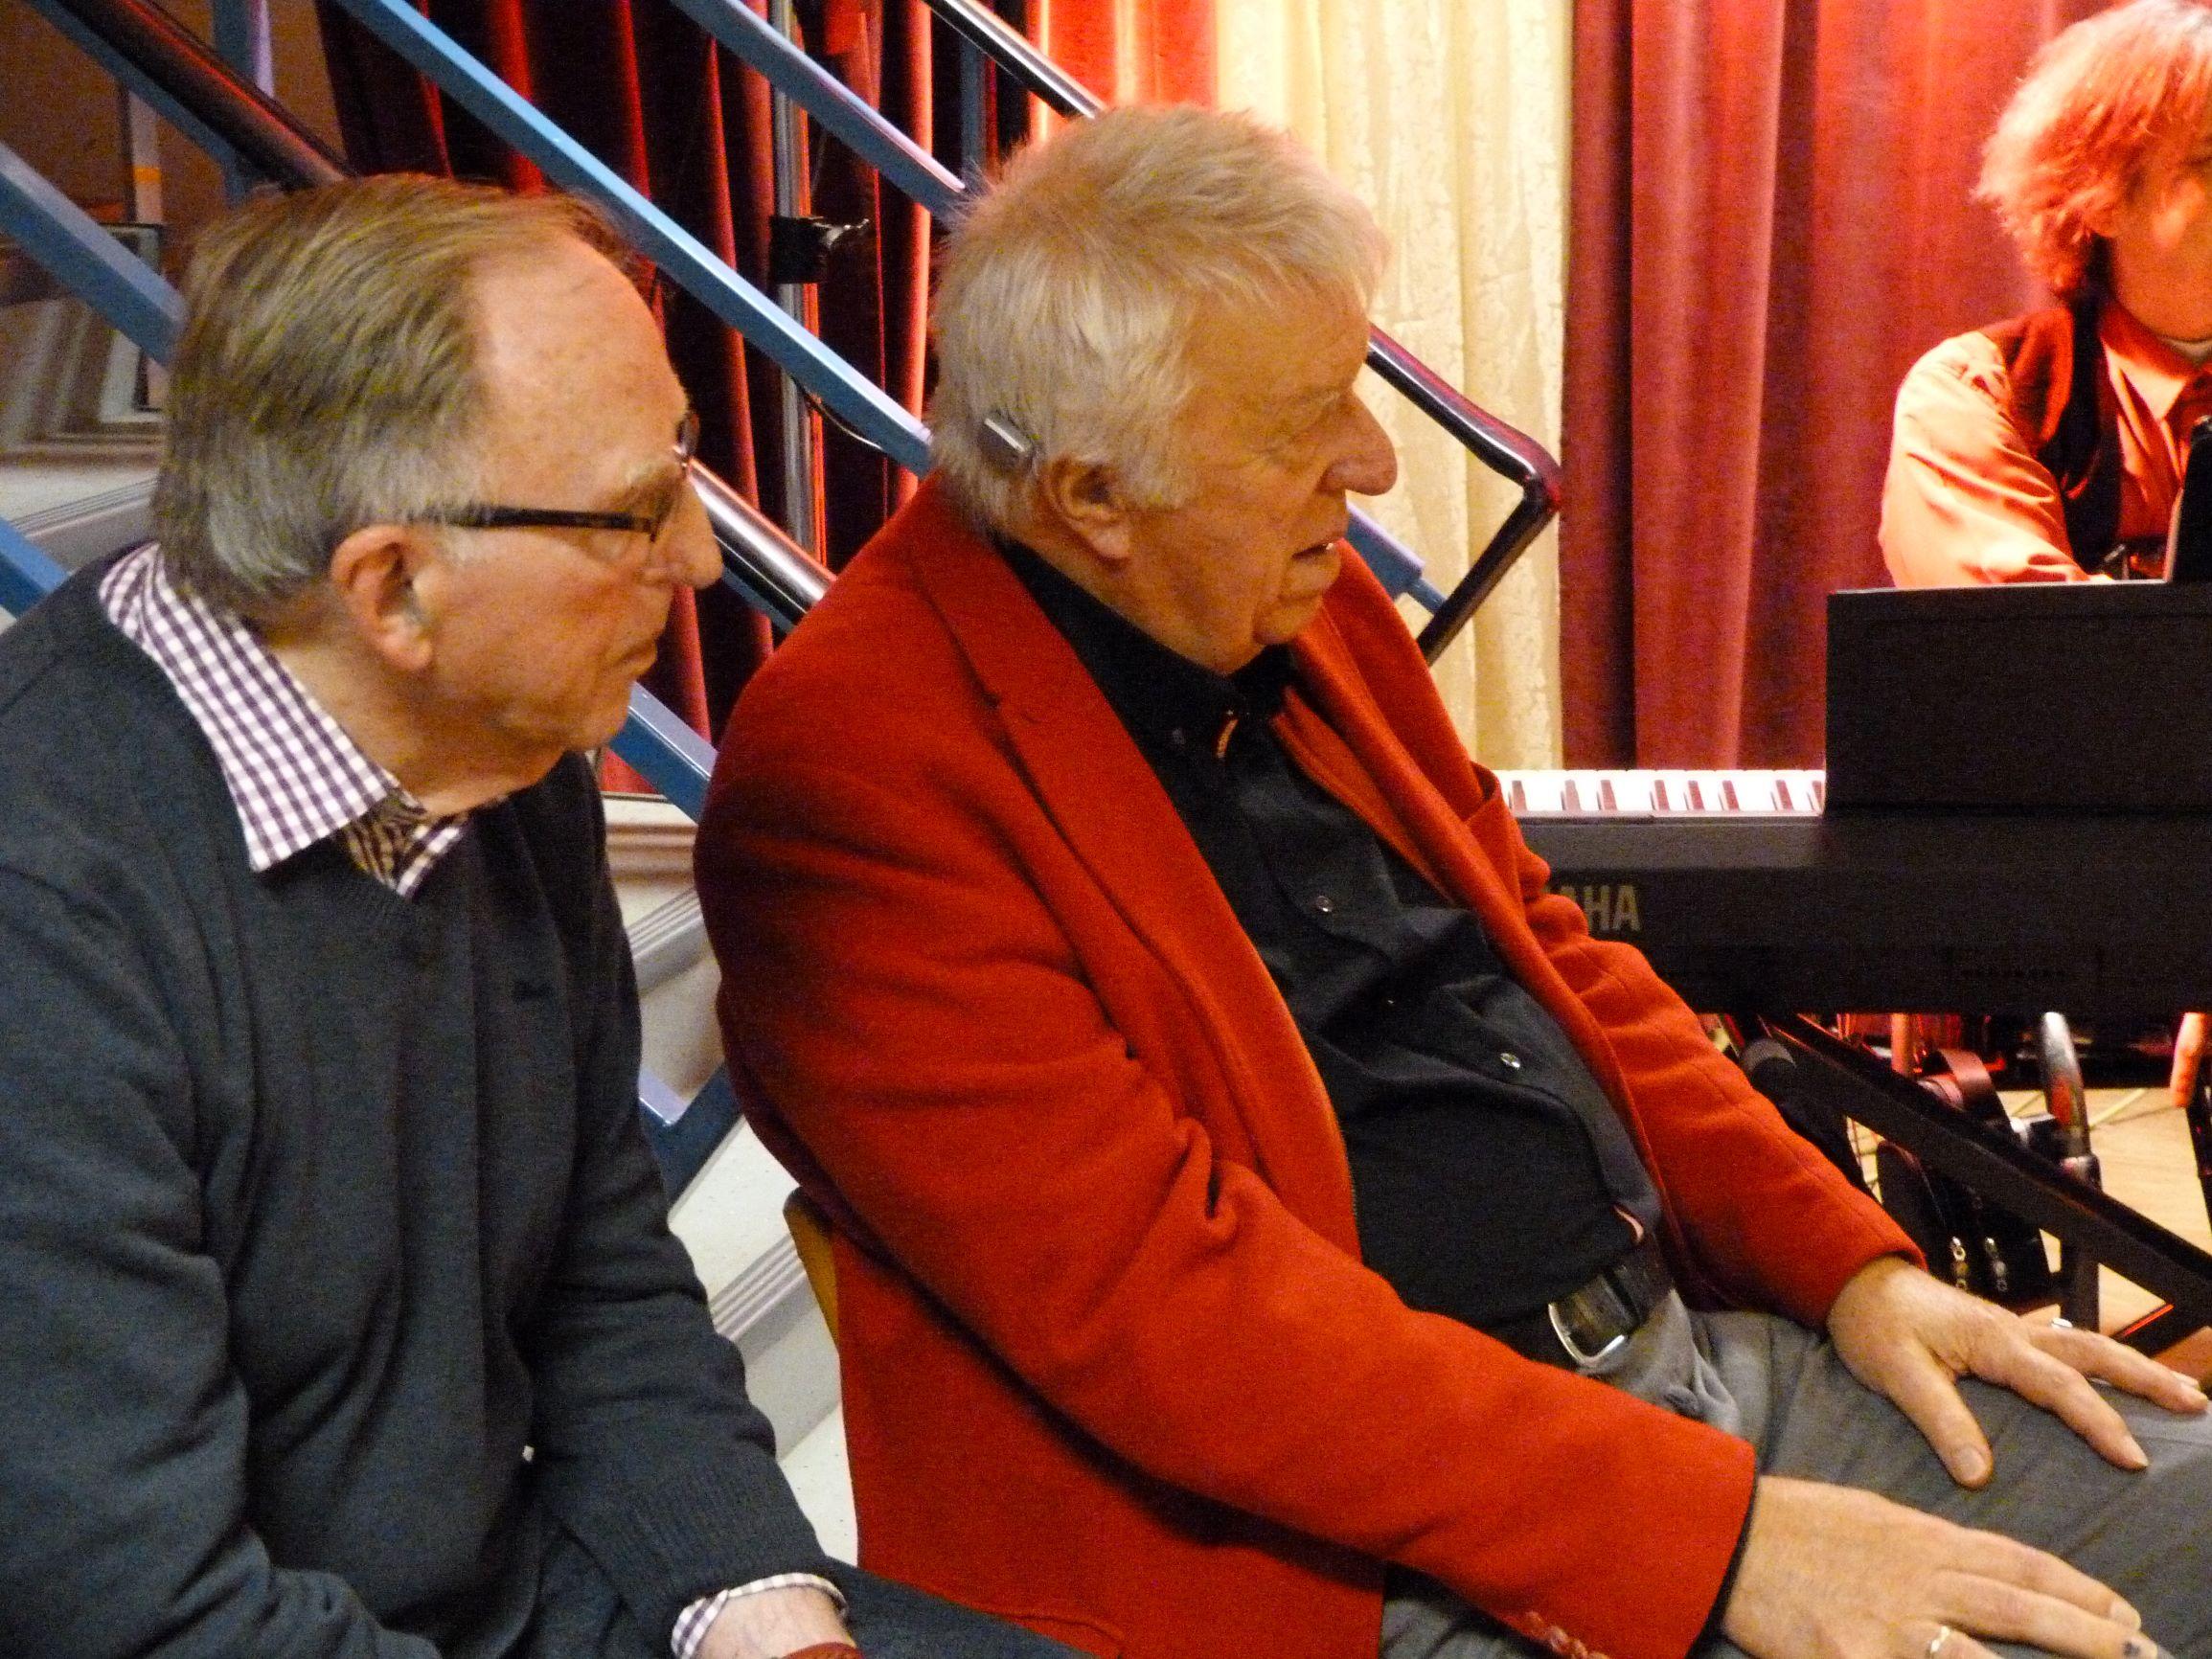 OvO Hilverzorg Wim en Dirk